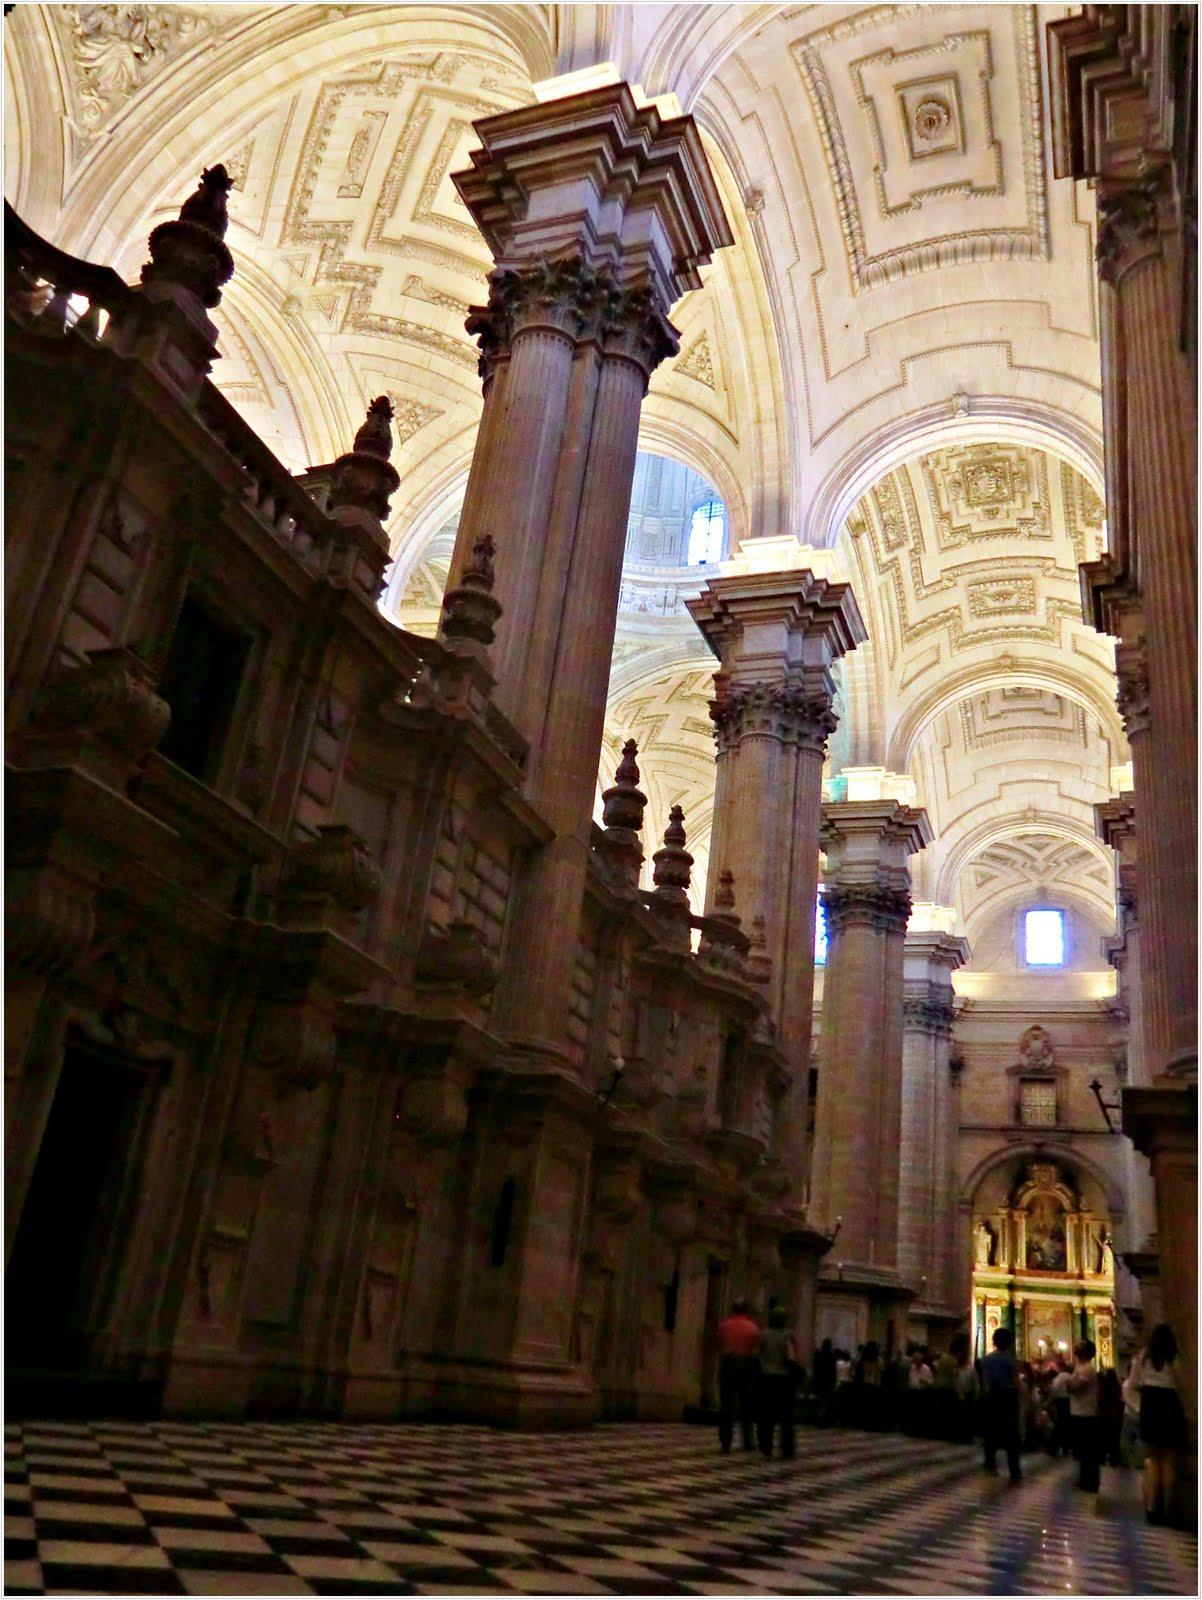 Baños Arabes Tirso De Molina: La grandiosa Catedral y los Baños Árabes: dos símbolos de la ciudad